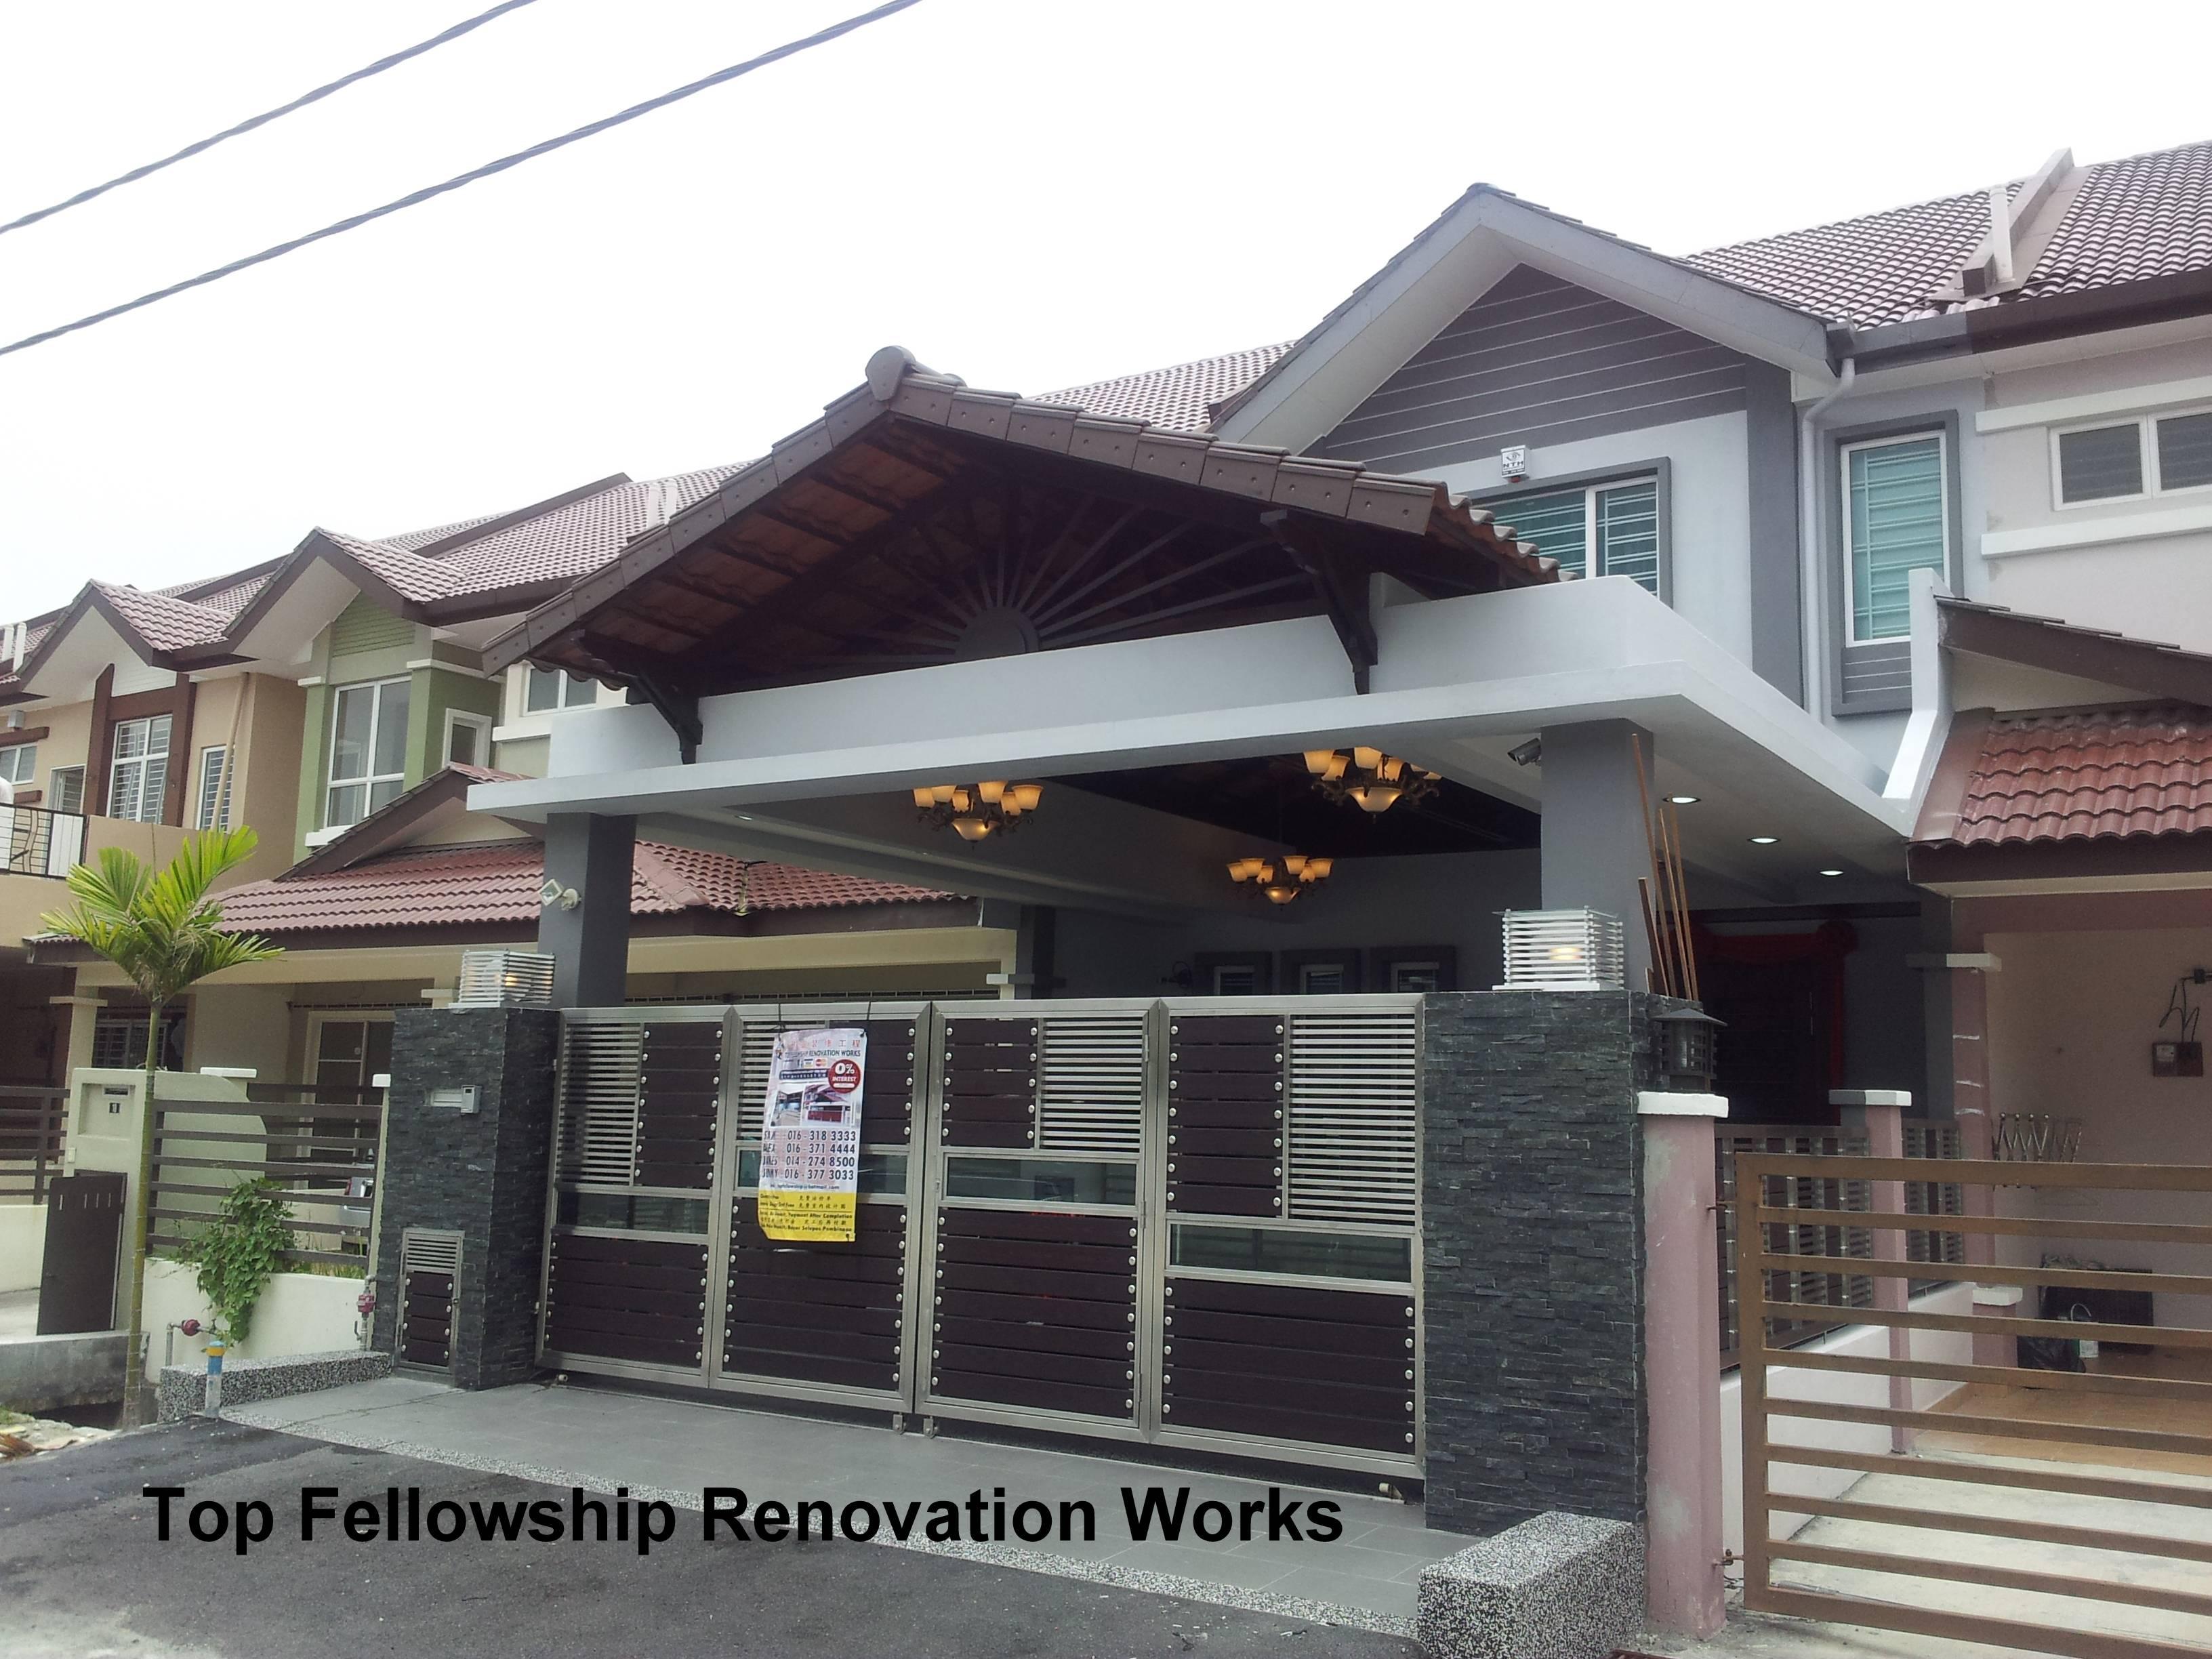 Car Porch Design Malaysia Joy Studio Best House Plans Home Plans Blueprints 126274